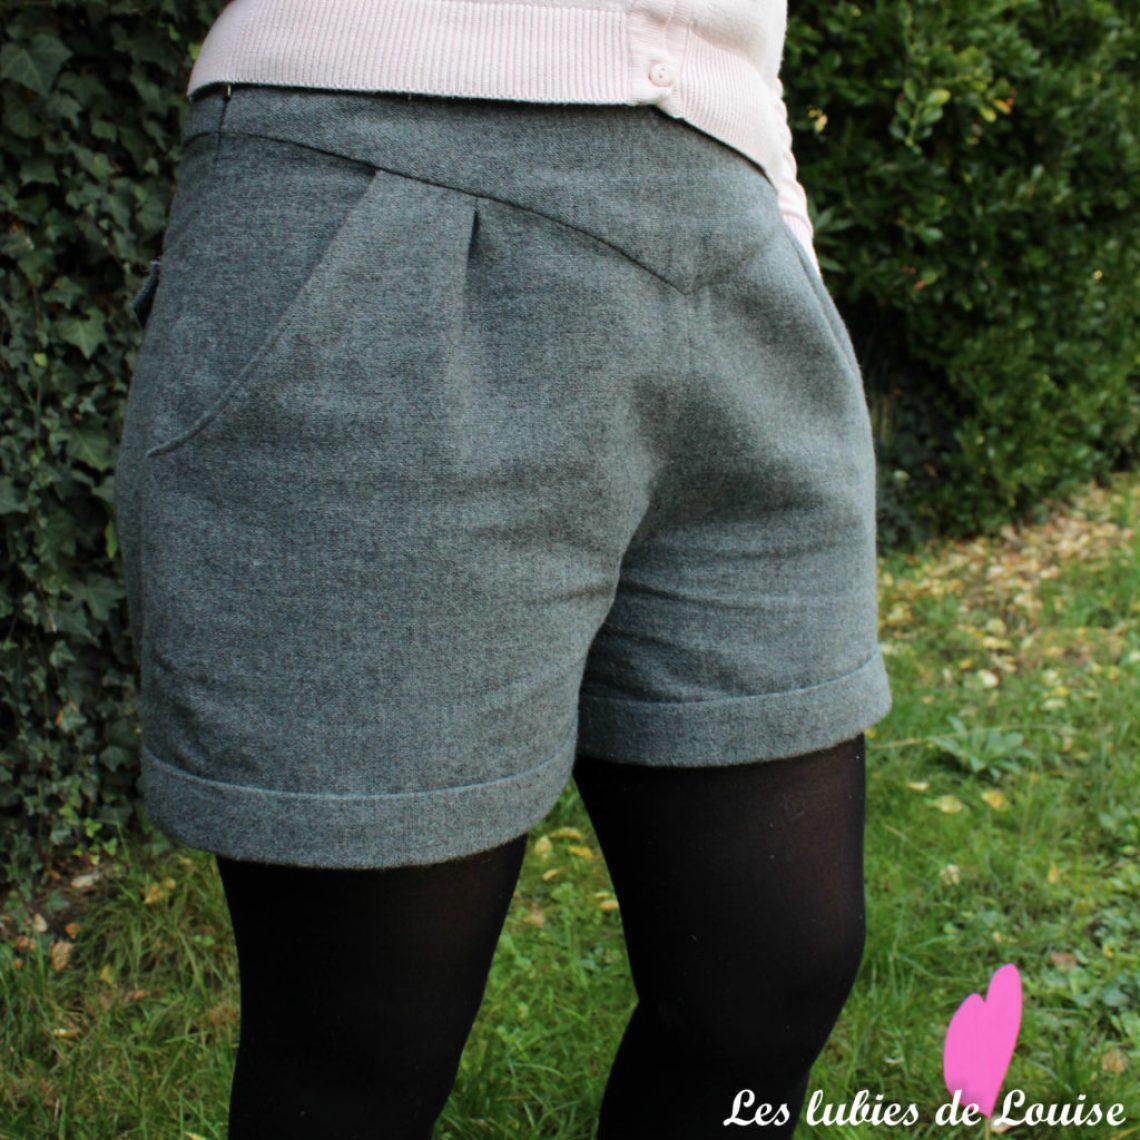 Short chataigne - les lubies de Louise-10